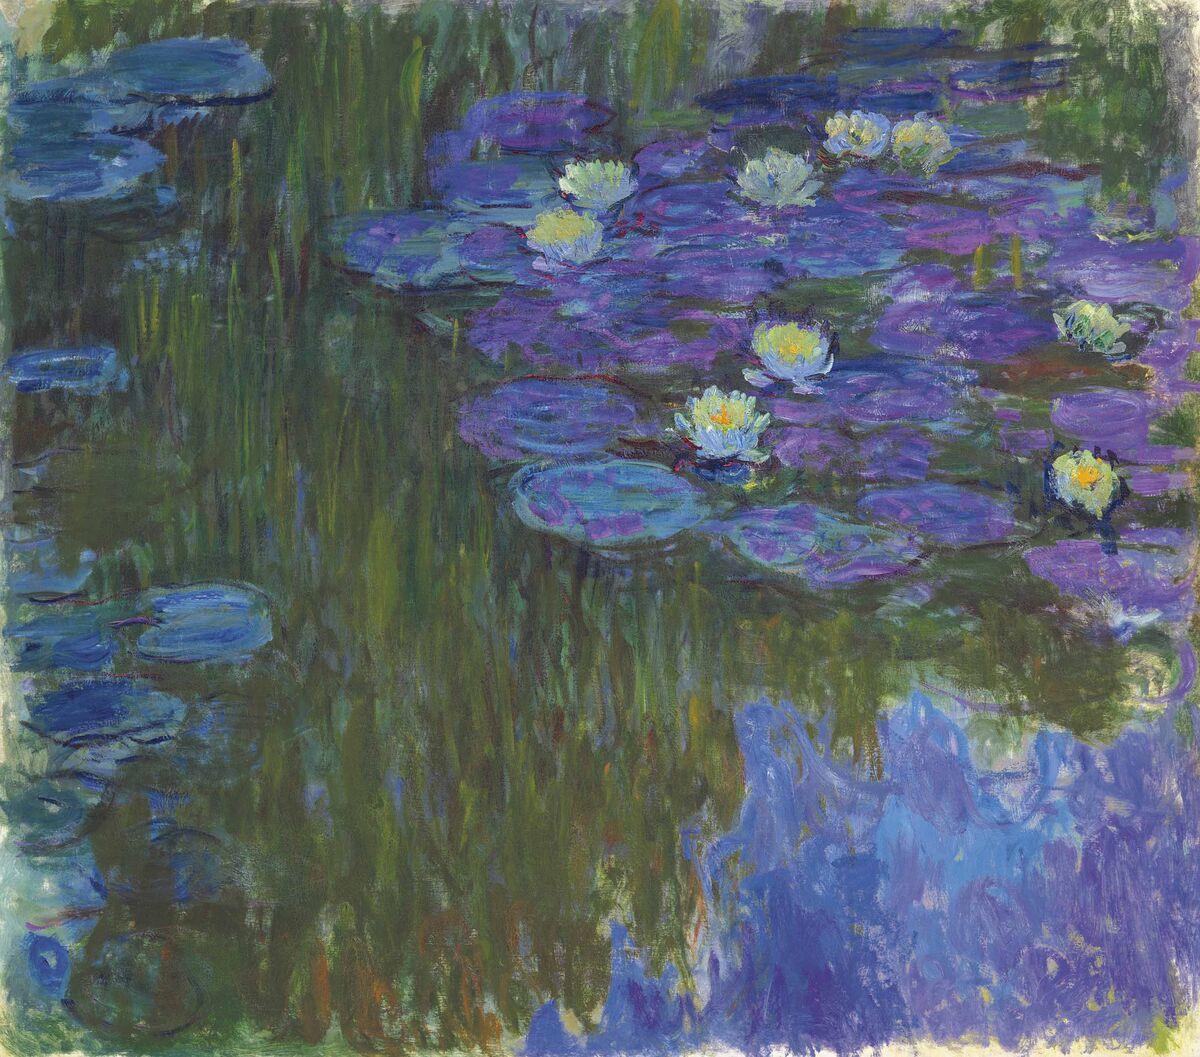 Claude Monet, Nymphéas en fleur, circa 1914-17. Courtesy of Christie's.